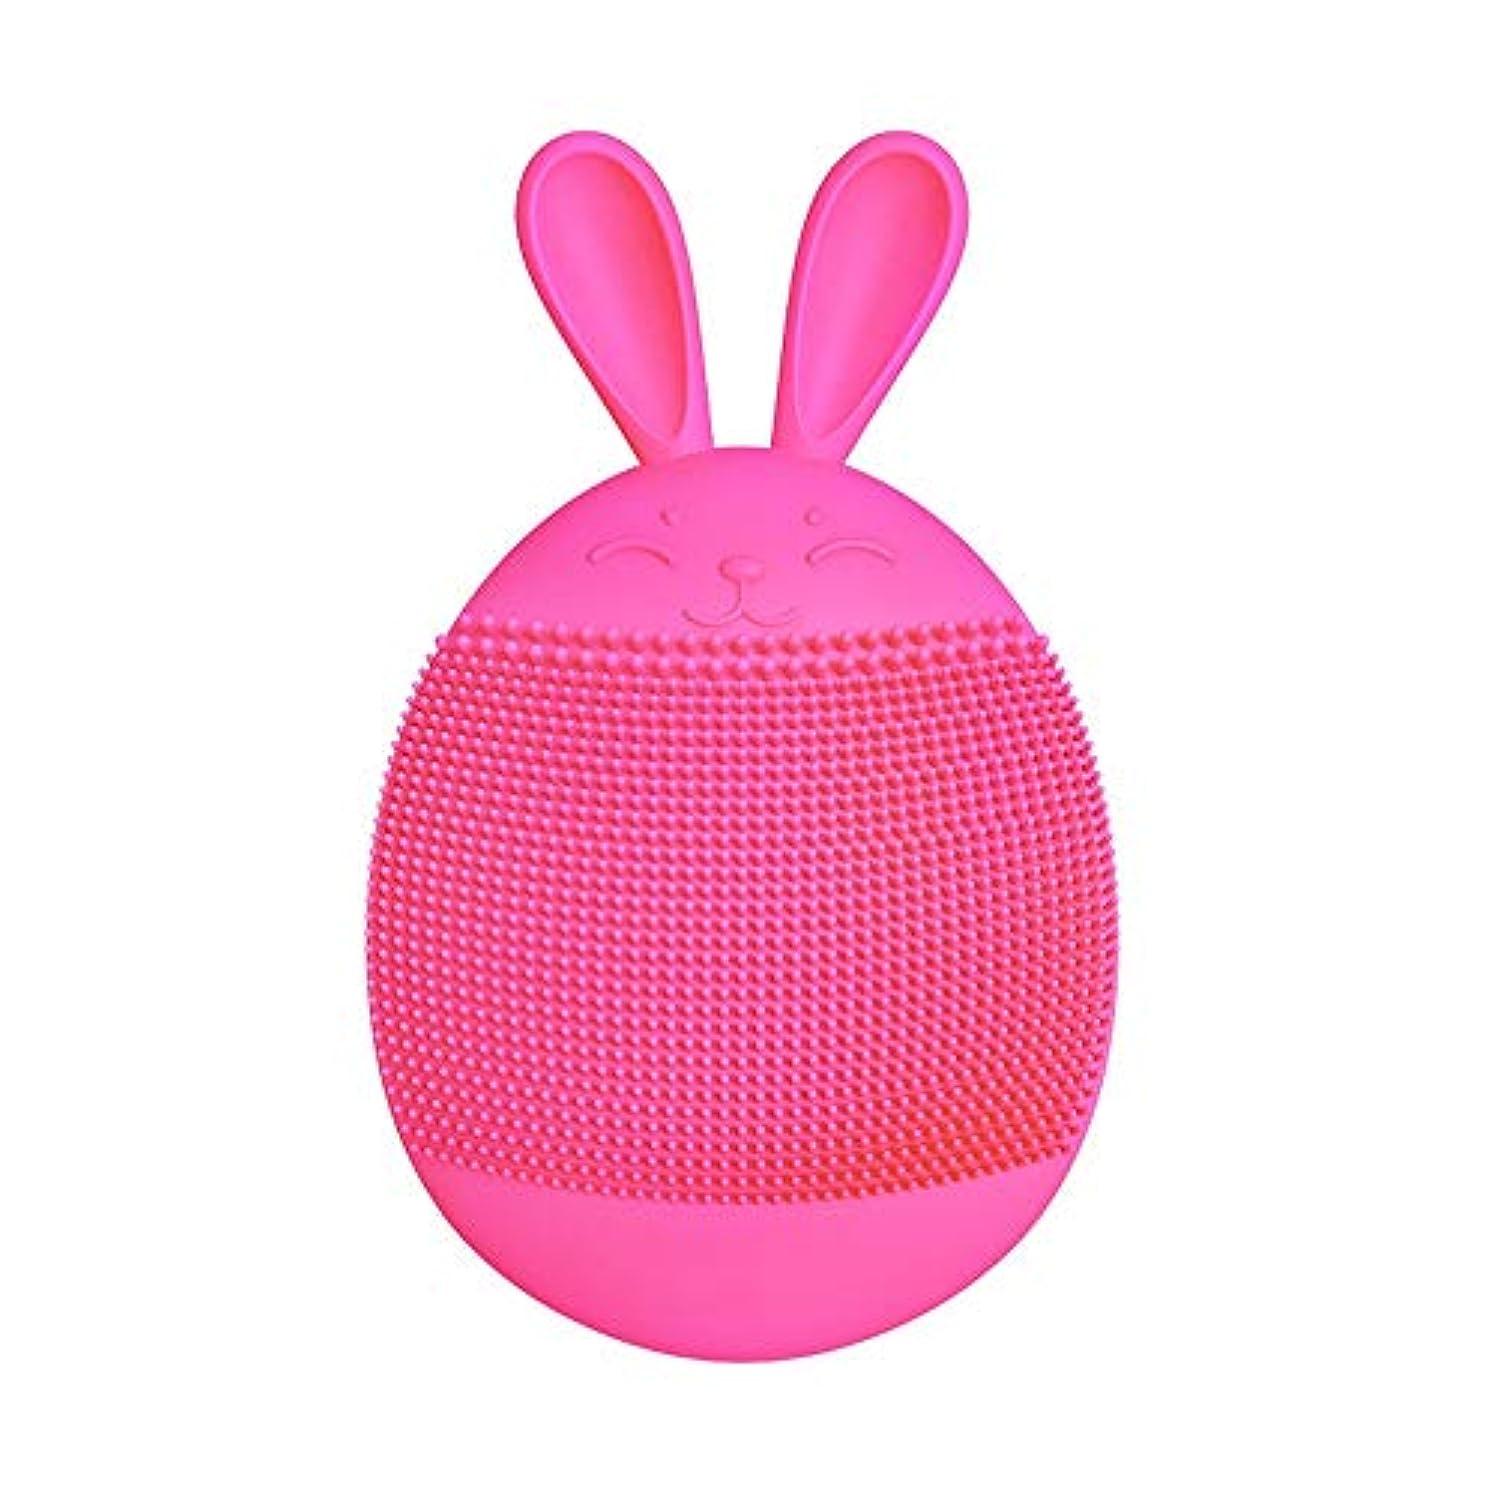 フィドル民主主義セラフZXF 超音波電動シリコーン洗顔器ポア洗顔洗顔ピンクレッド 滑らかである (色 : Red)